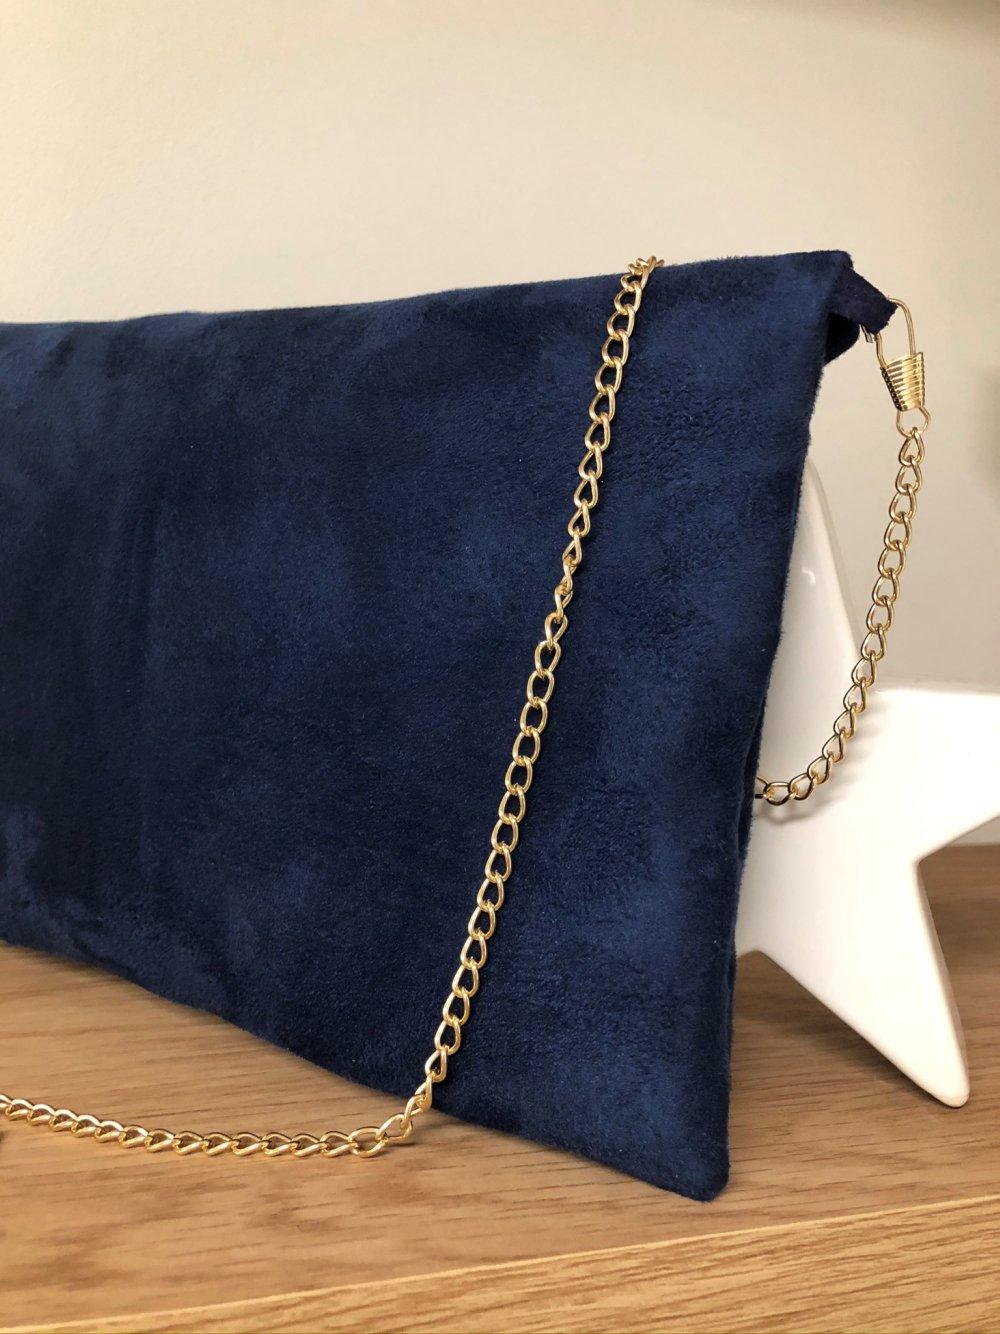 Pochette mariage bleu marine, corail, paillettes dorées / Sac à main forme enveloppe, suédine personnalisable, chaînette dorée amovible